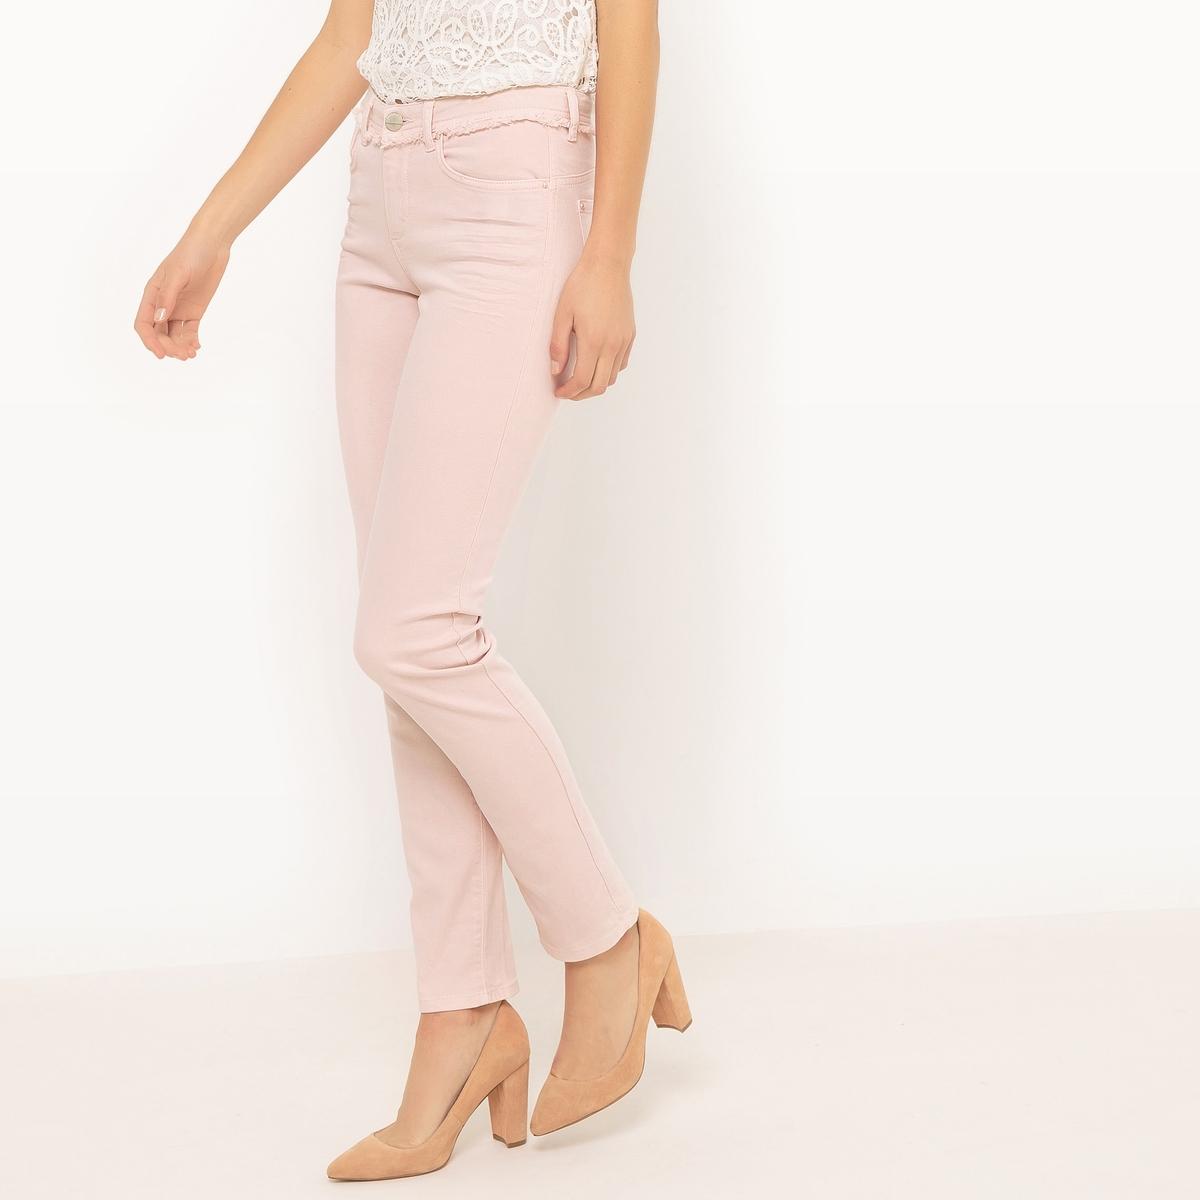 Брюки узкие с 5 карманамиМатериал : 98% хлопка, 2% эластана Рисунок : однотонная модель  Высота пояса : стандартная Покрой брюк : узкий, форма дудочки<br><br>Цвет: светло-розовый